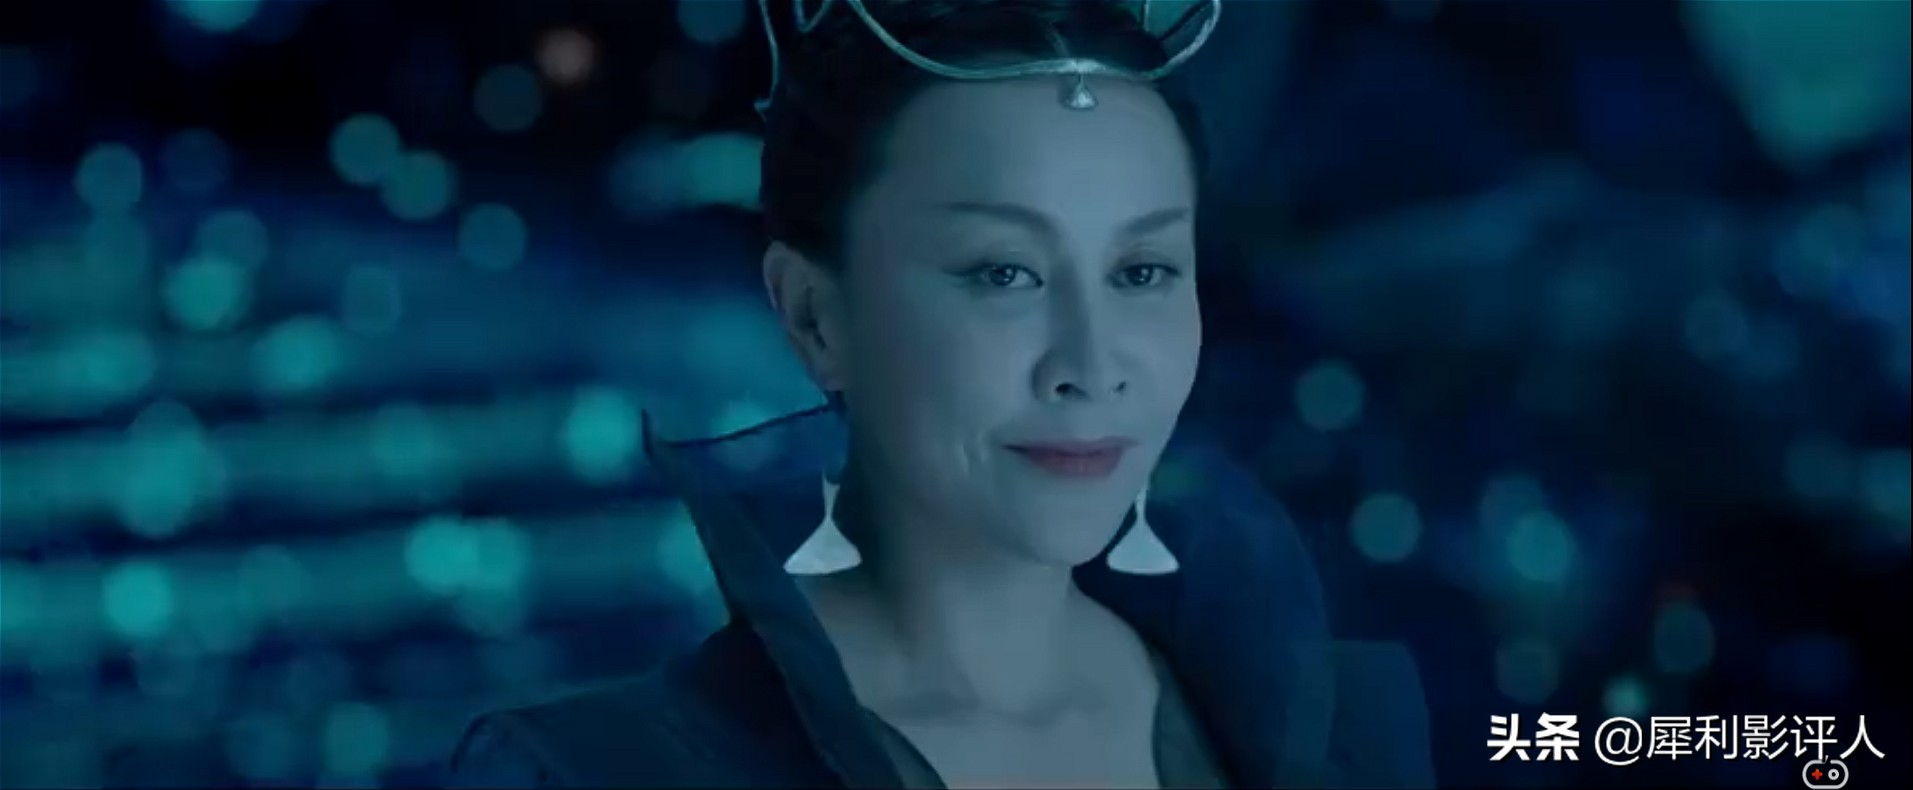 《真三国无双》发布首款预告片,定档4.30,古天乐饰吕布